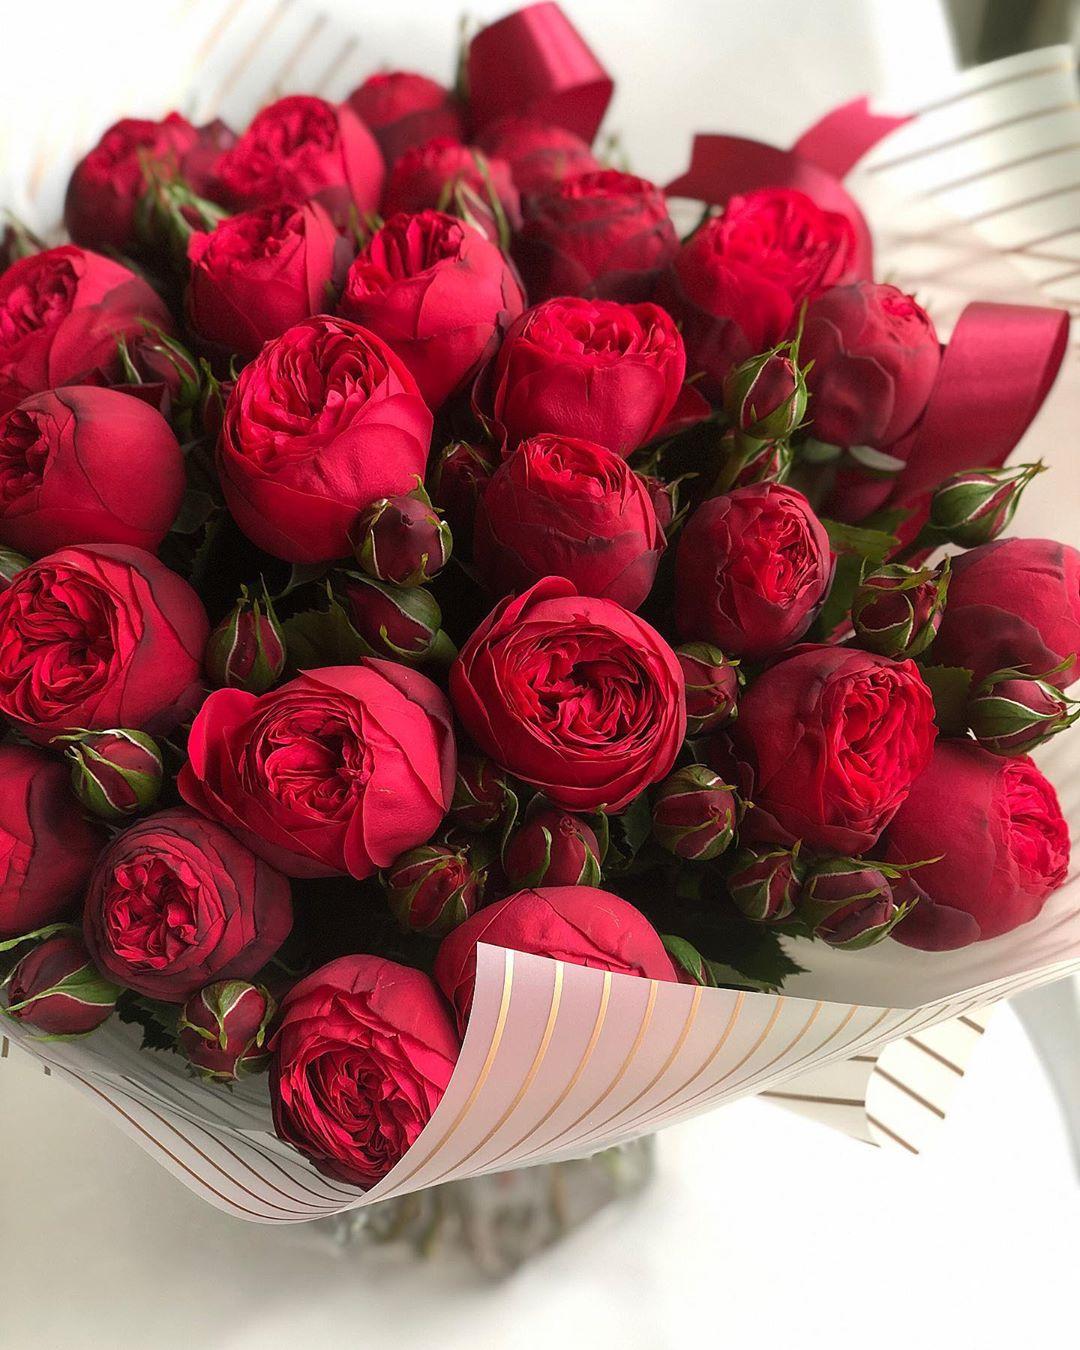 Красные розы (48 фото): лучшие сорта цветов, описание кустов с черно-красными, темно-красными и красно-белыми цветками